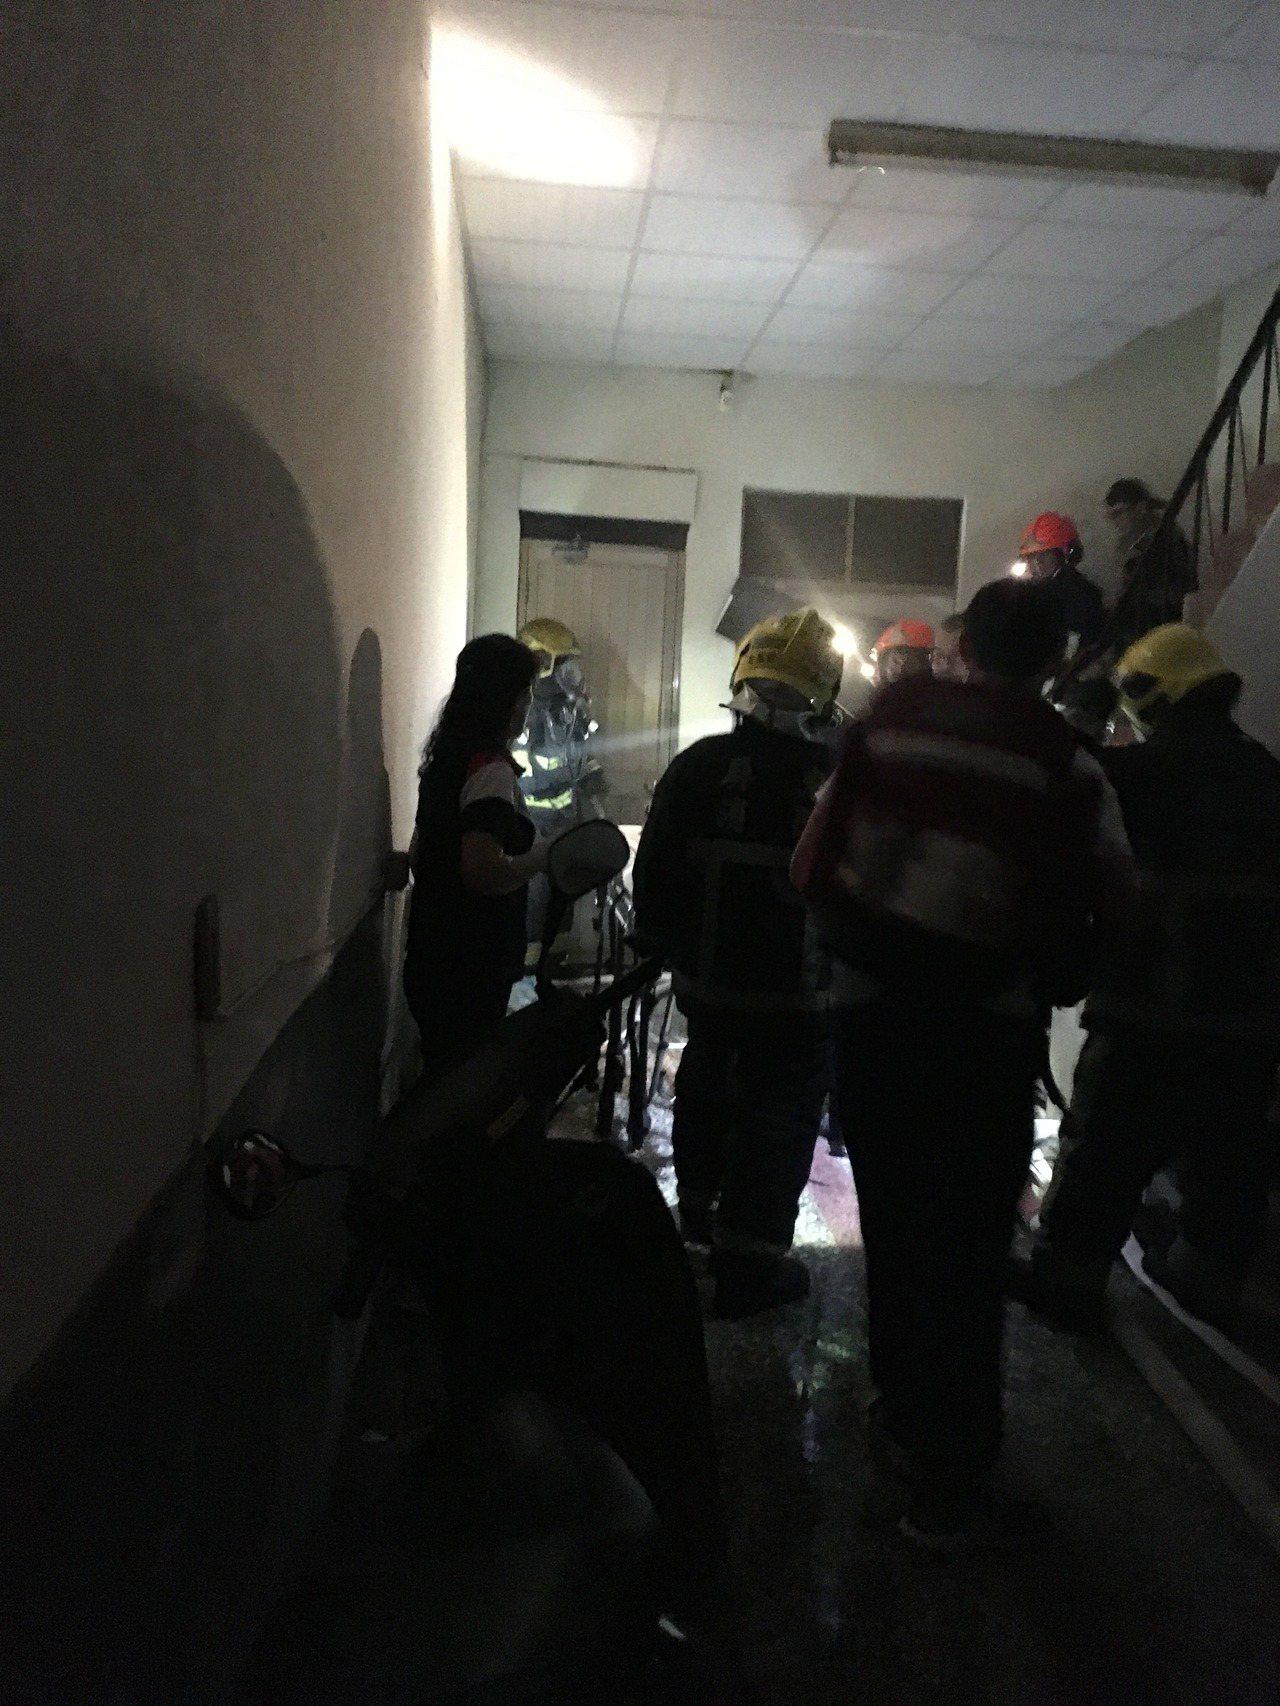 潮州出租套房火警爆炸 男子行動不便命喪火海